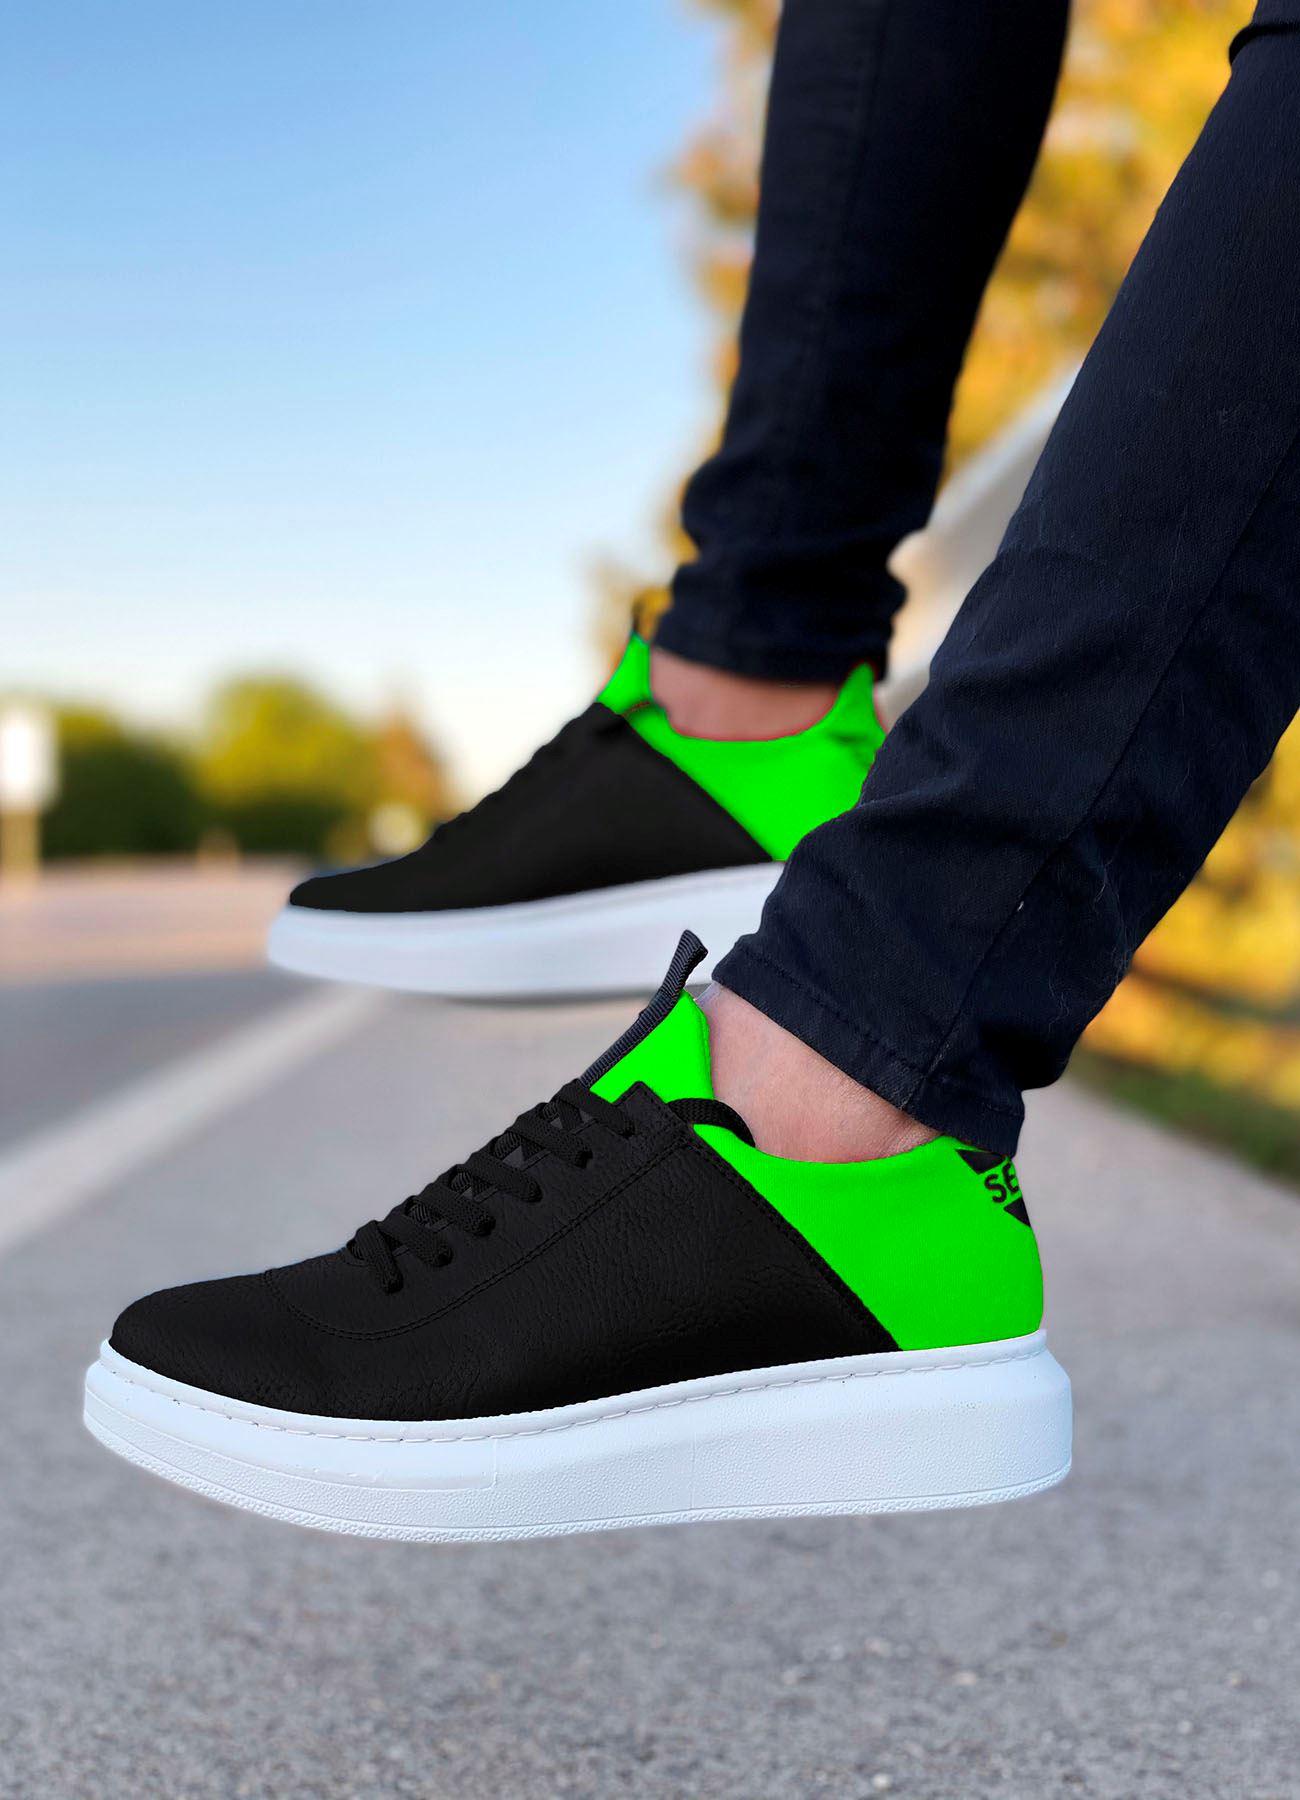 Serenze Neon Yeşil Siyah-Beyaz Erkek Spor Ayakkabı